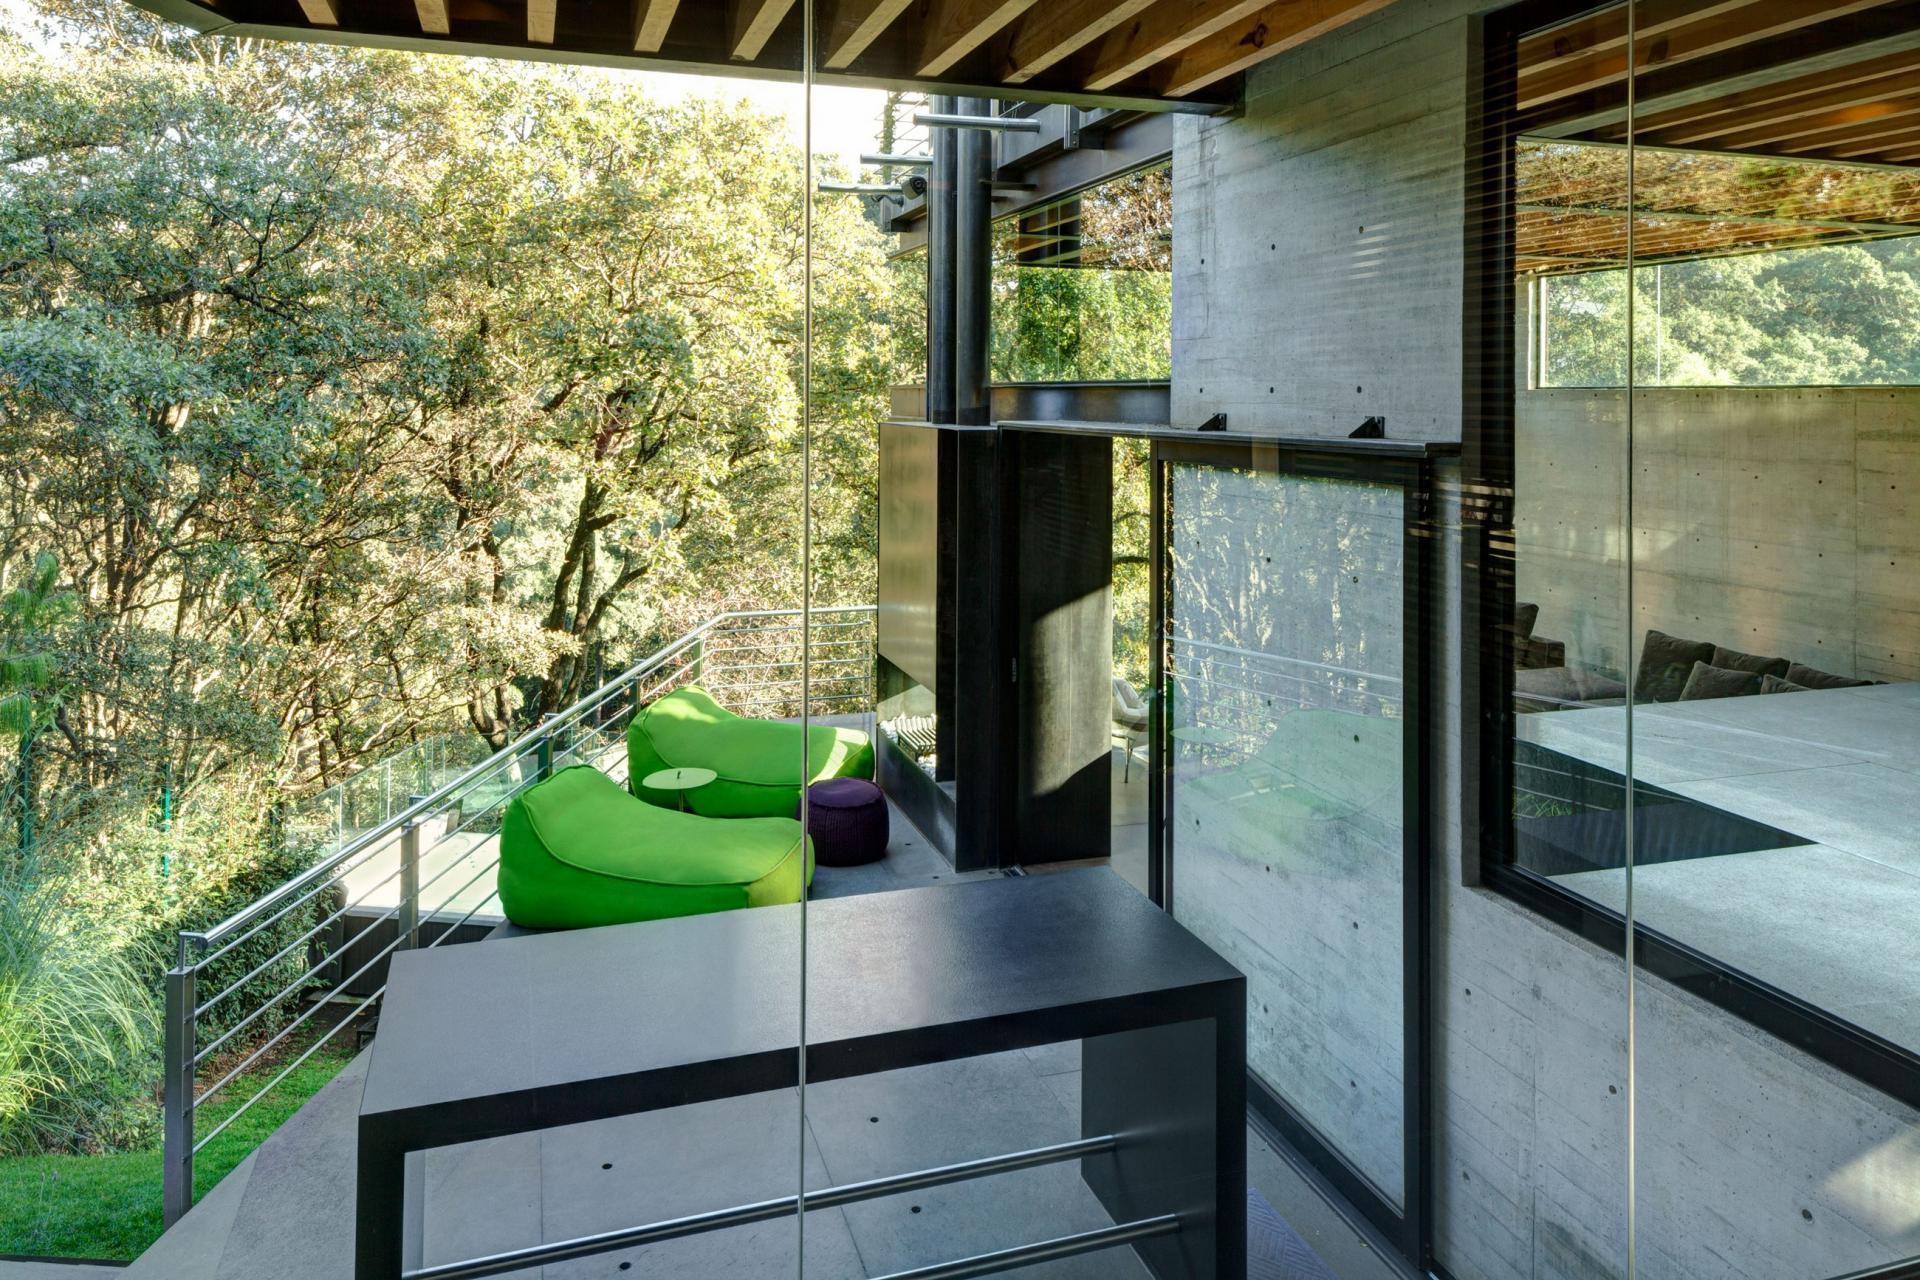 Casa Tepozcuautla - inside - outside